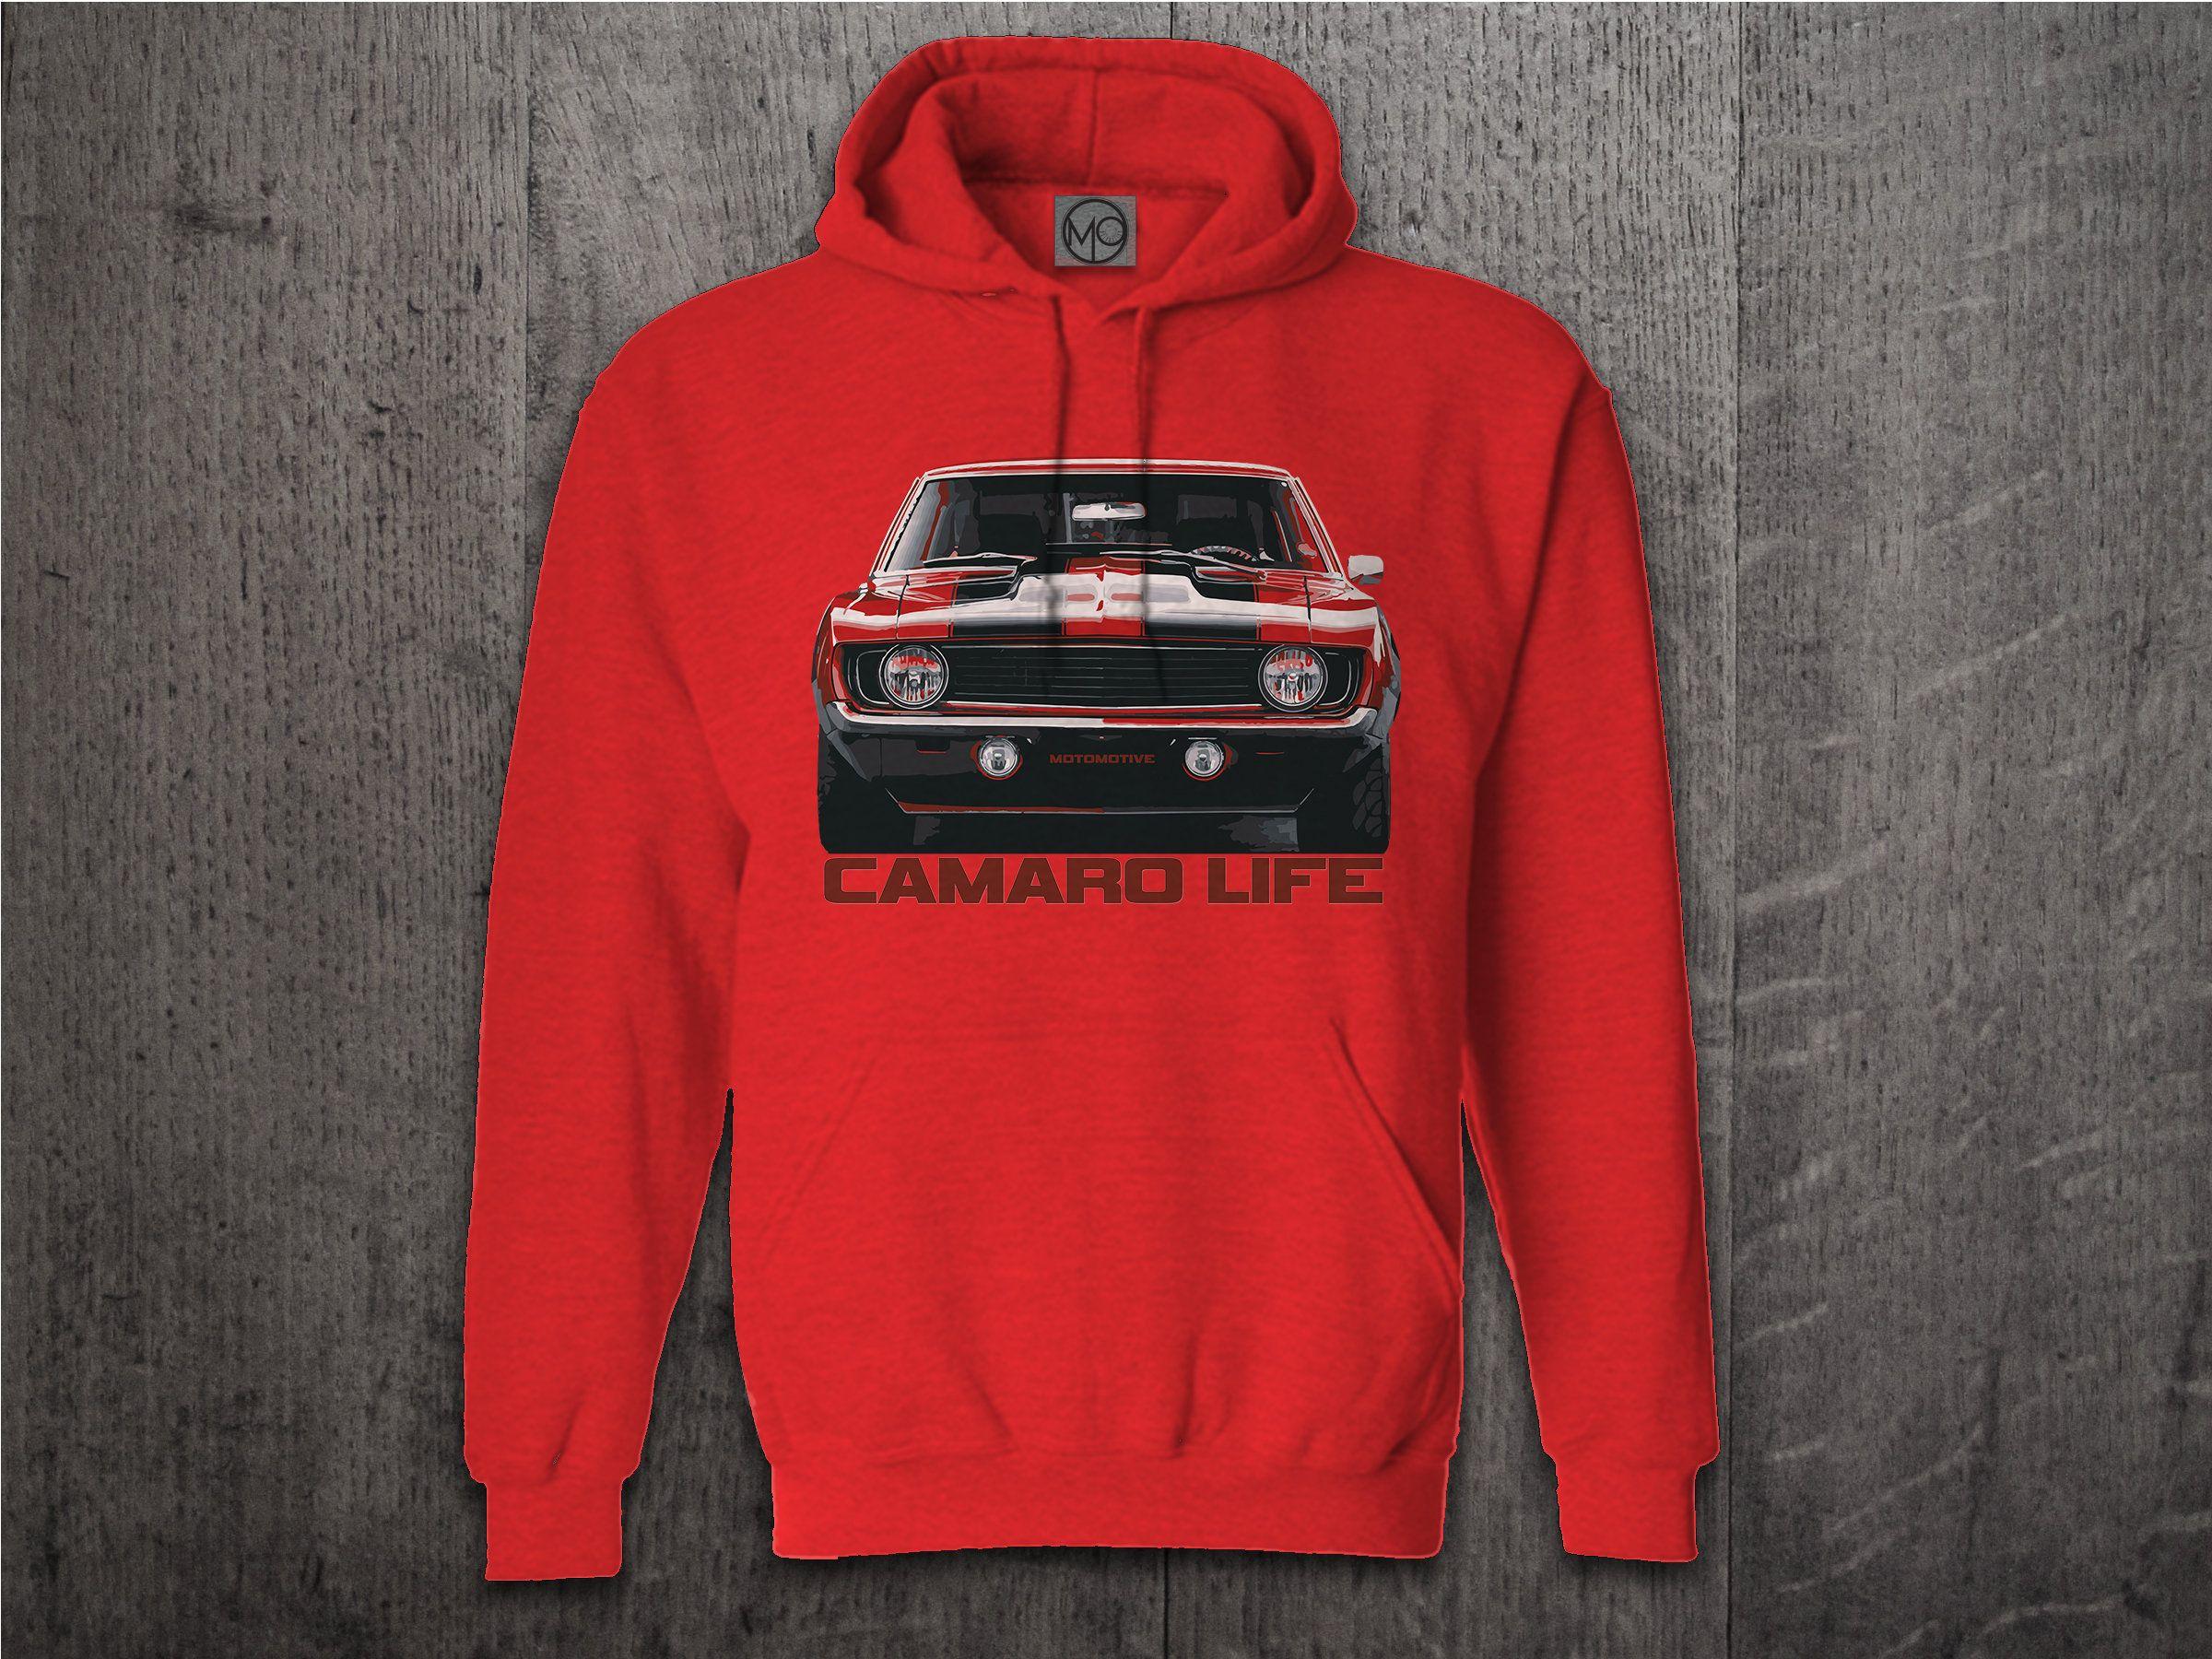 1969 Camaro Hoodie Cars Hoodies Camaro Hoodies Chevy Sweaters Men Hoodies Funny Hoodies Cars T Shirts Camaro T Shirts Funny Hoodies Hoodies Men Hoodies [ 1800 x 2400 Pixel ]